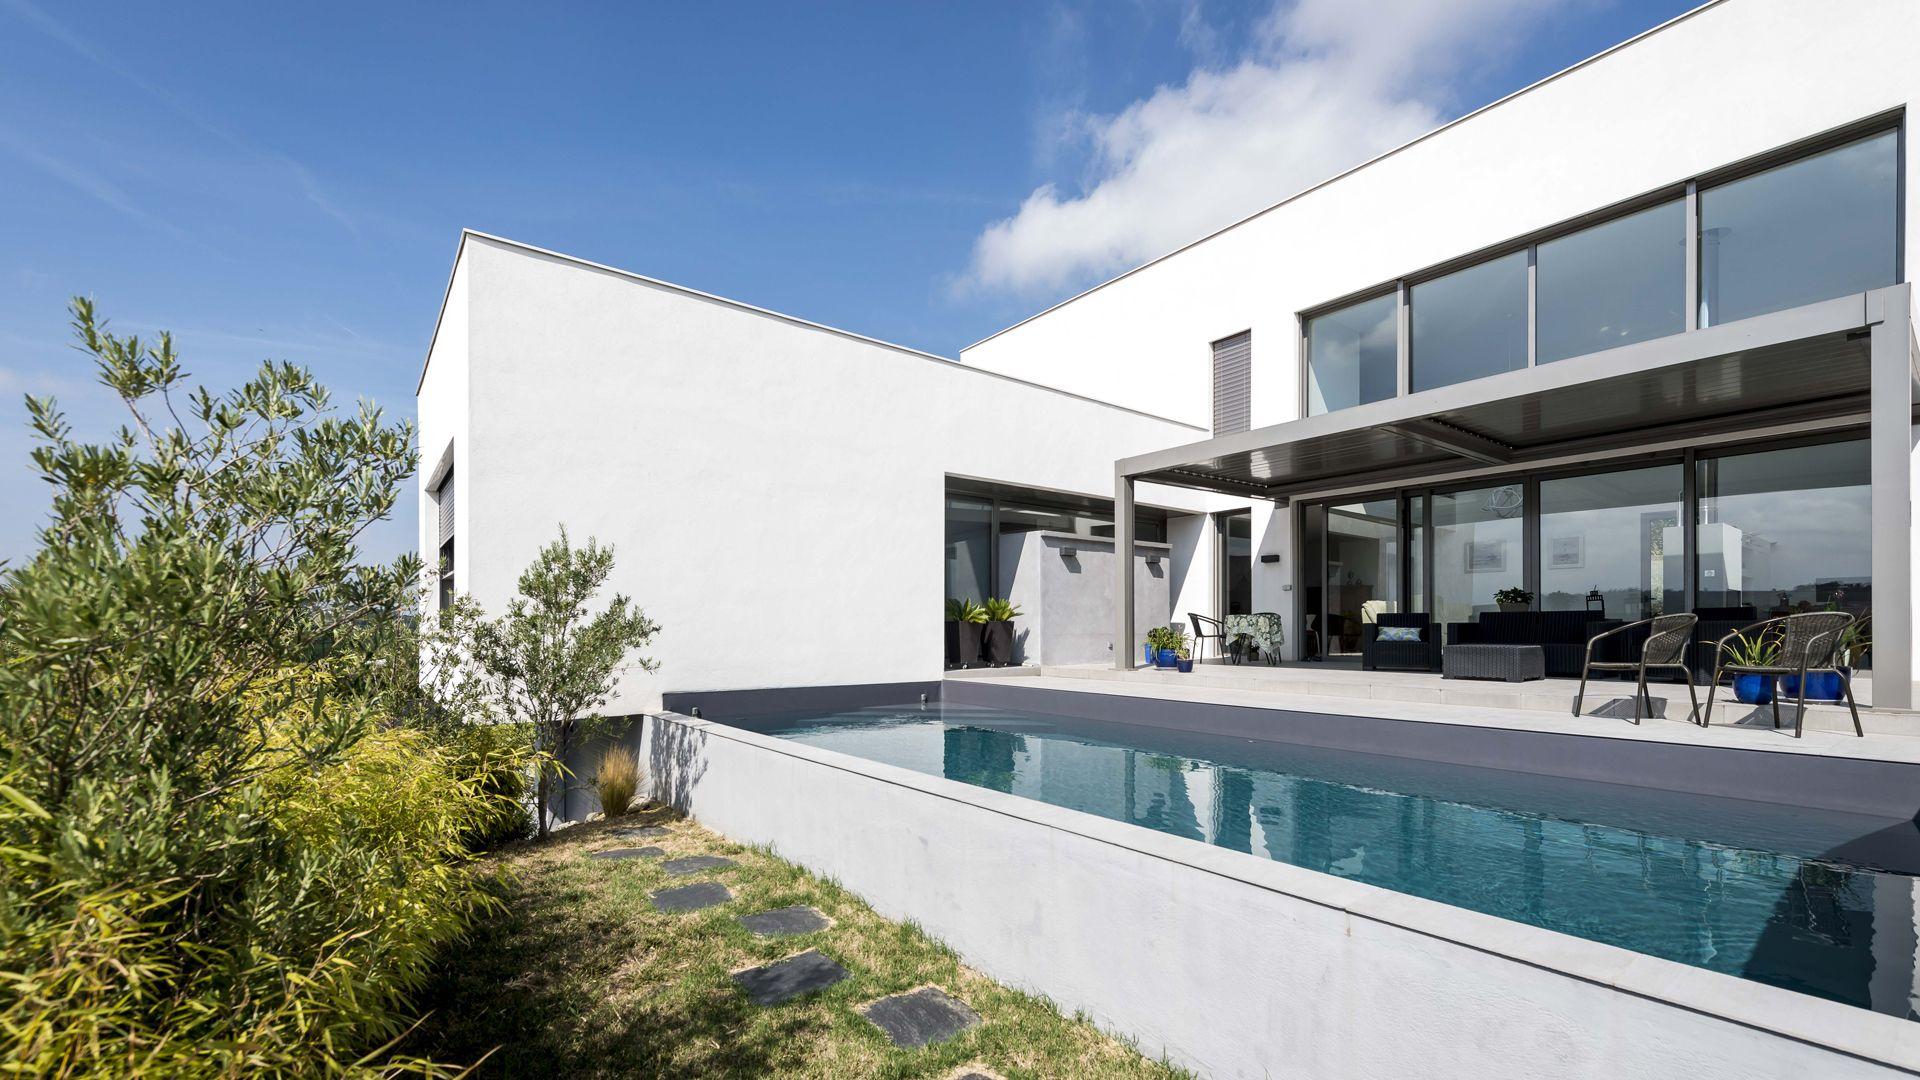 Seuil-architecture-maison-bioclimatique-Paulhac-31-Jardin-slid